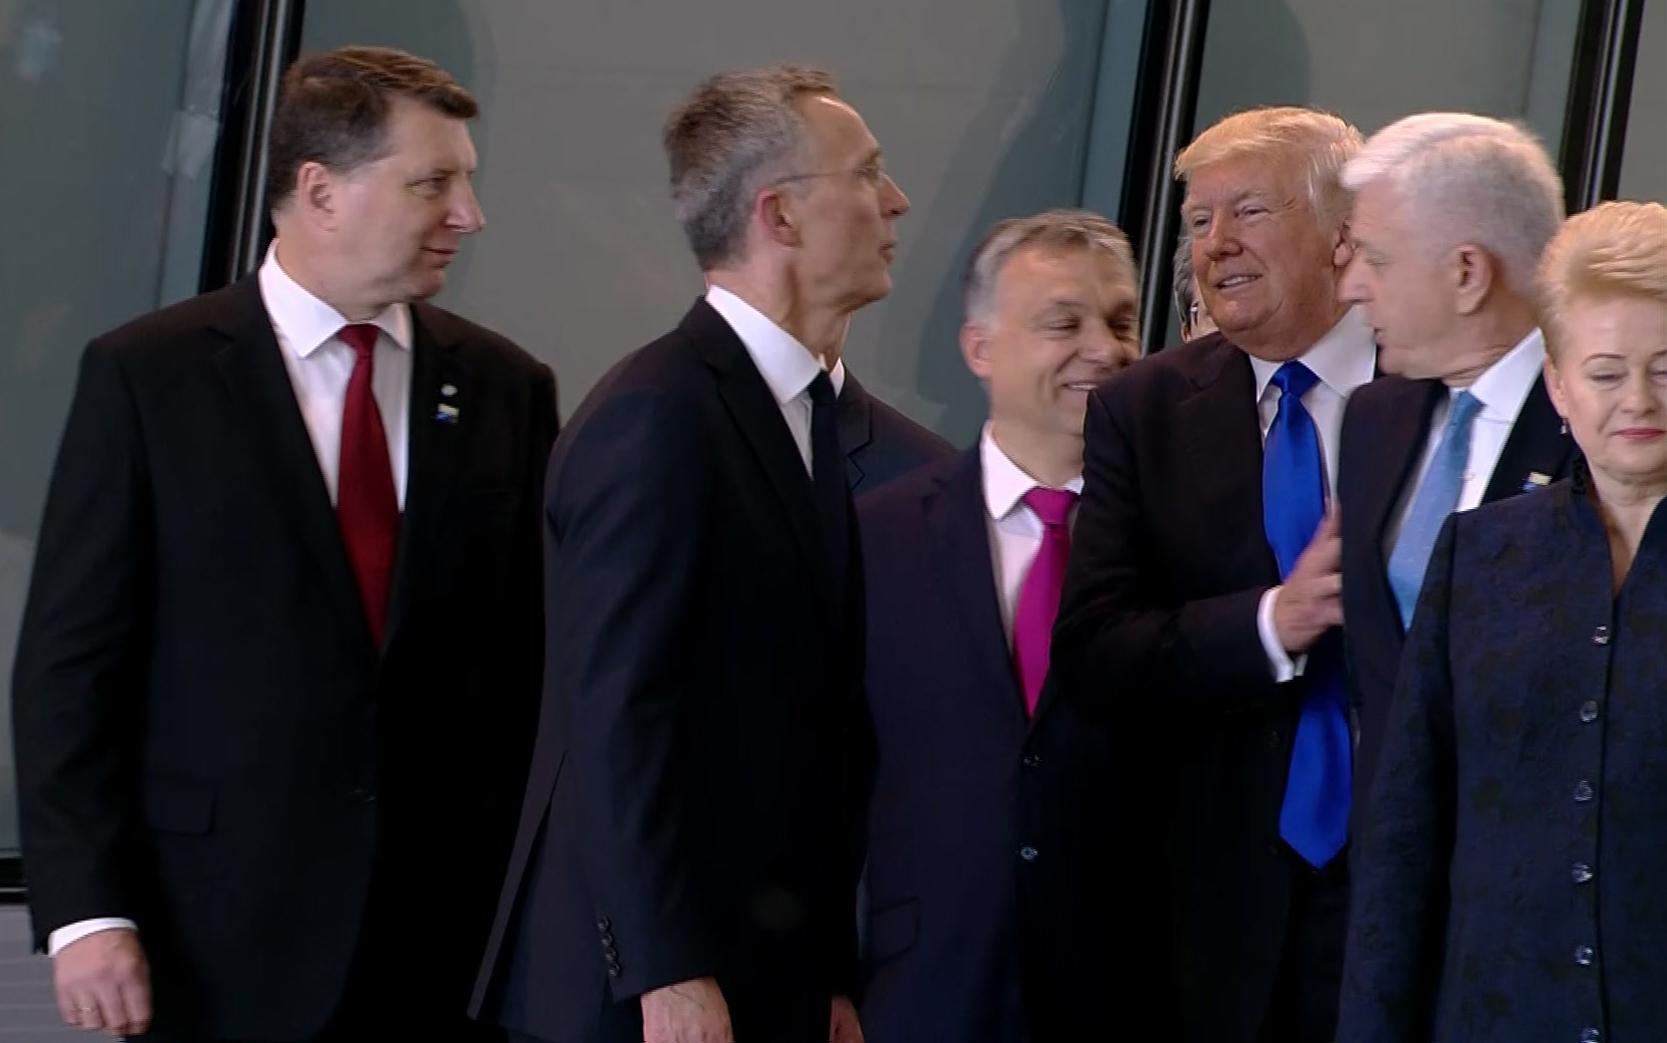 Trump shoves Montenegro's prime minister NATO